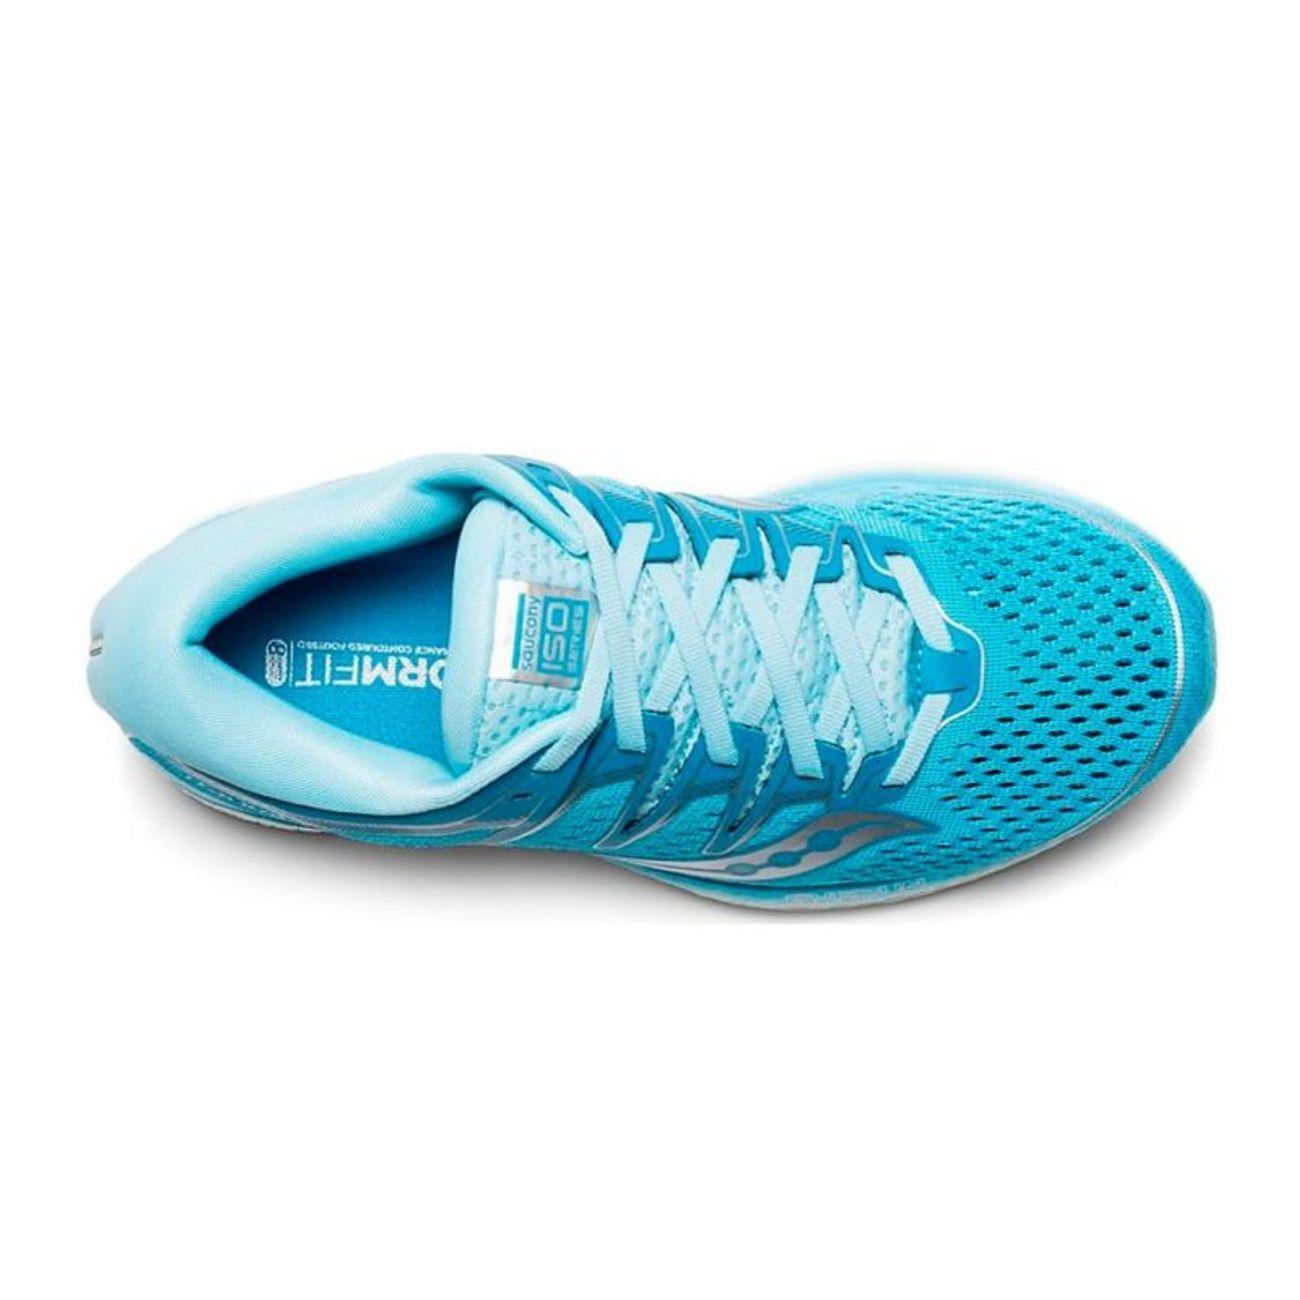 Blanc Saucony 5 Bleu Ciel Padel Homme Chaussures Triumph Iso Femme 3RjL5Aq4